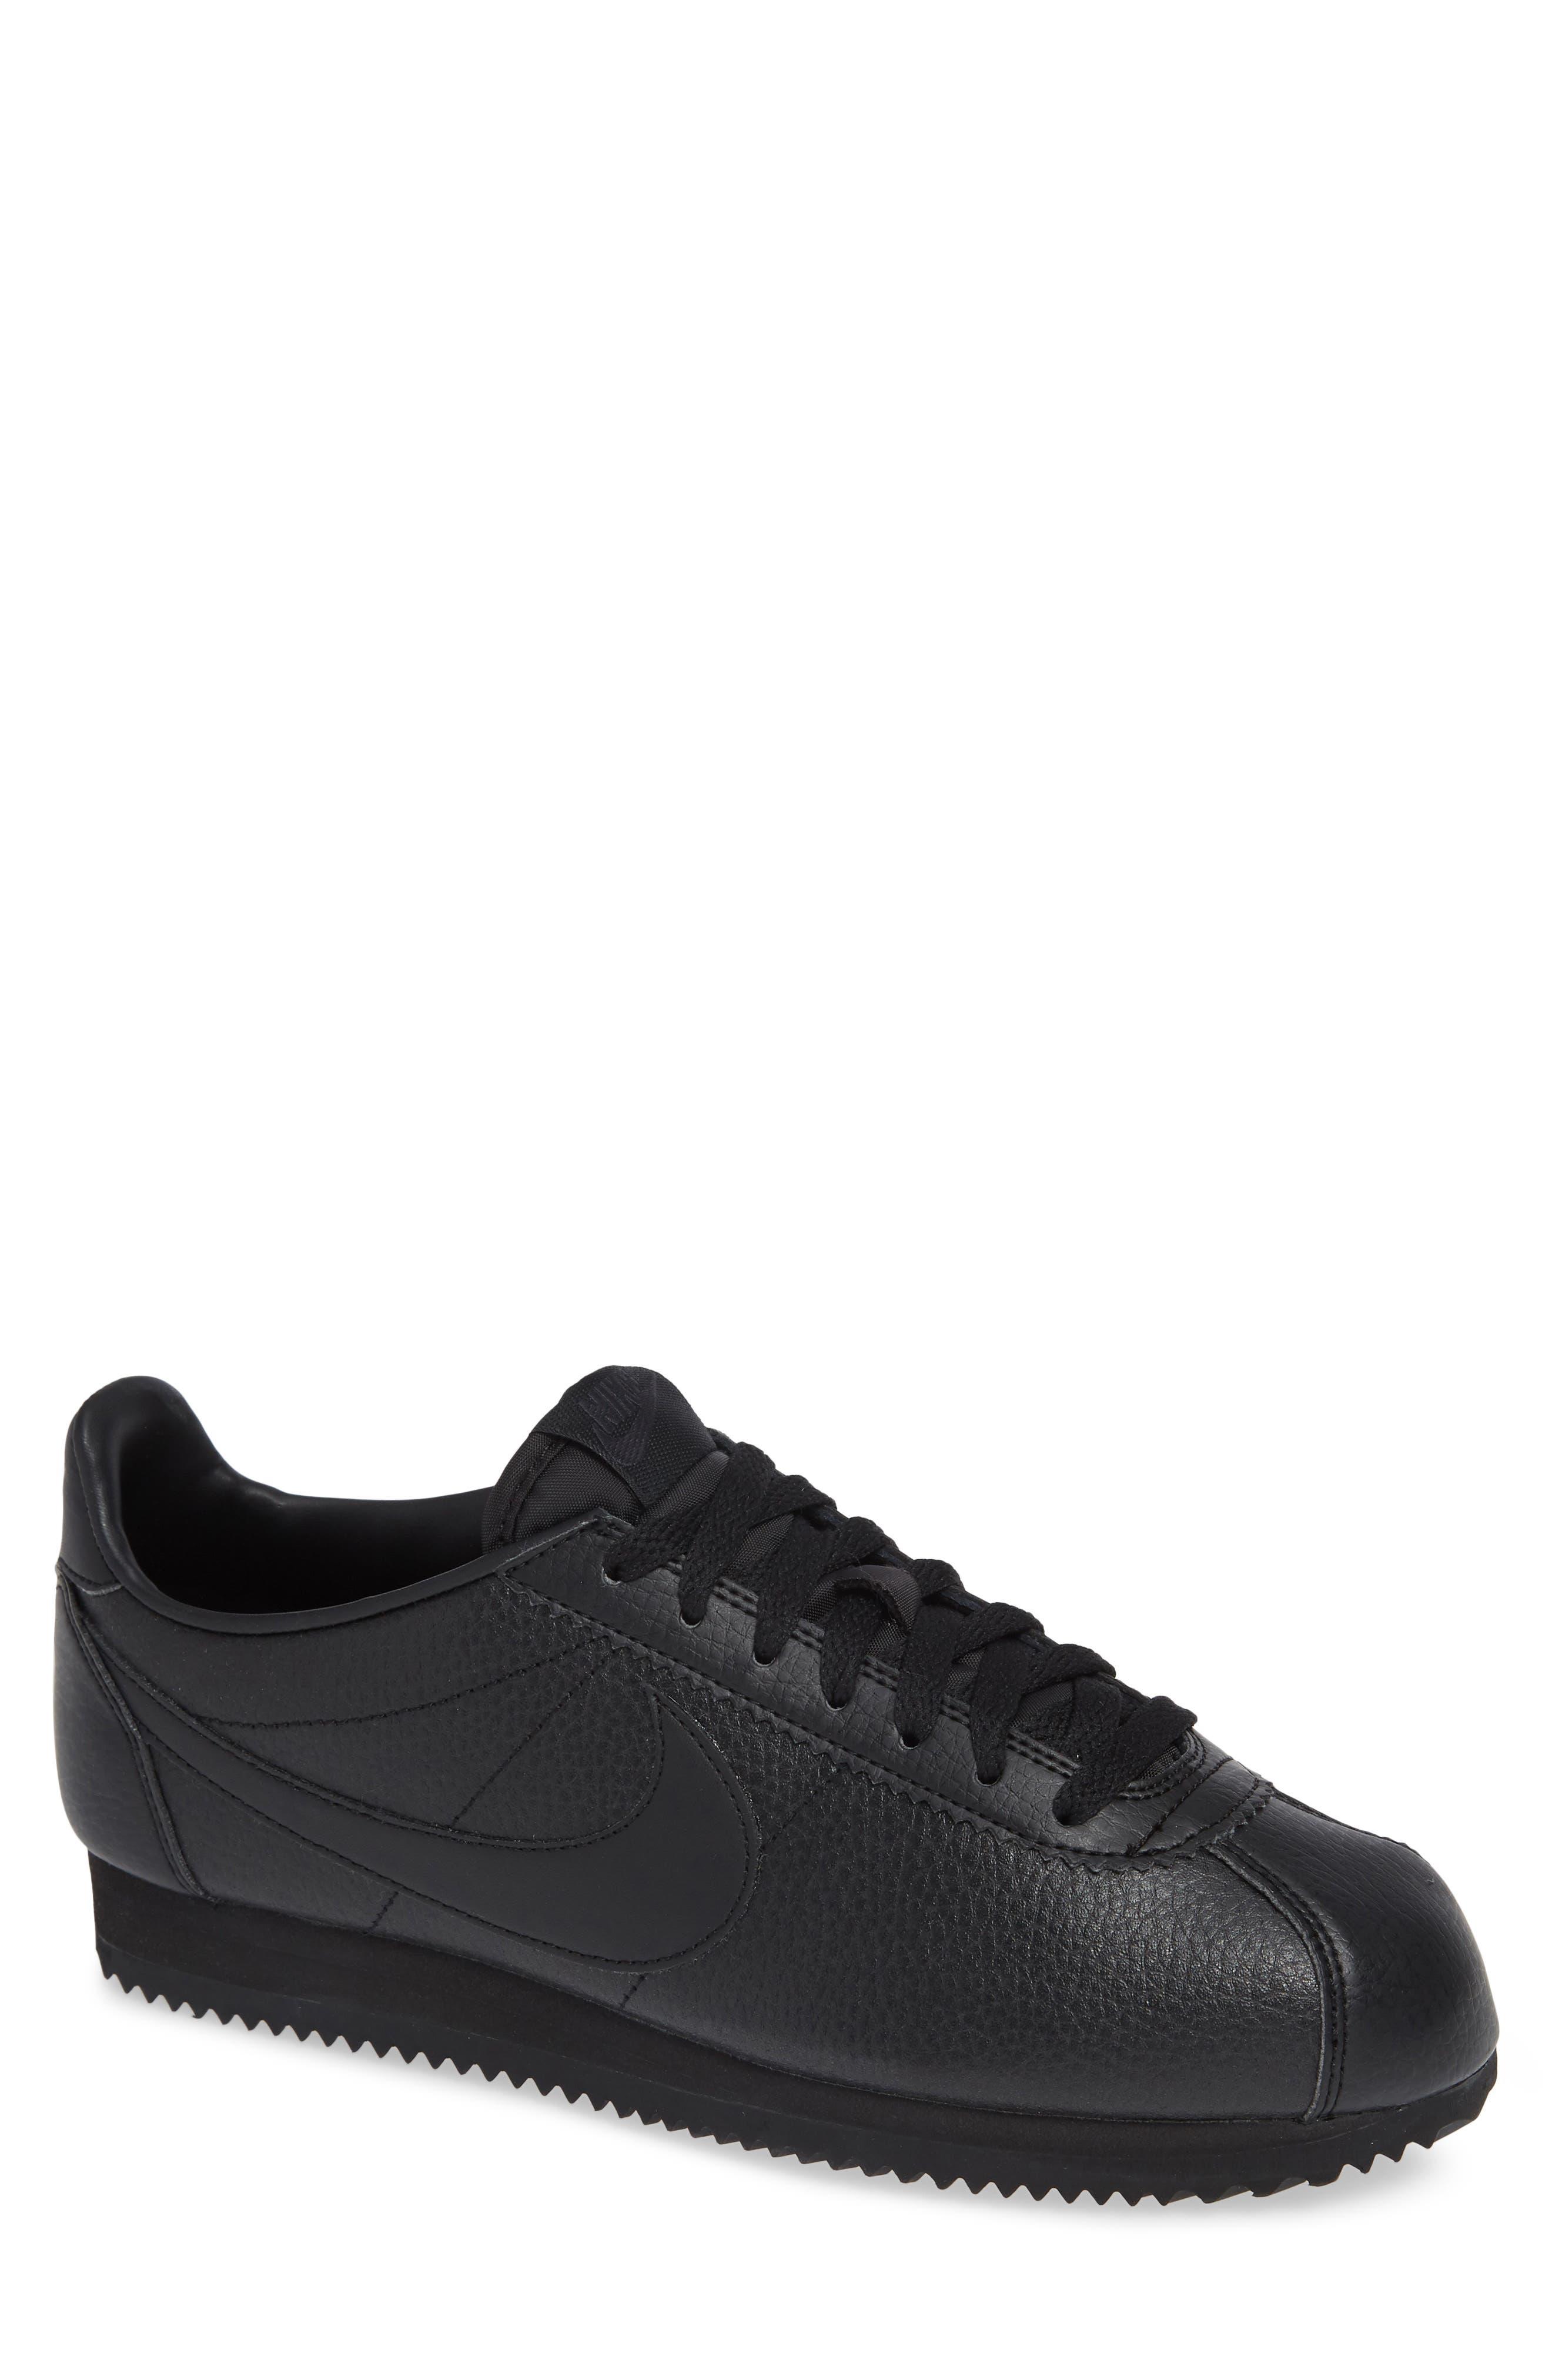 Classic Cortez Sneaker,                             Main thumbnail 1, color,                             002